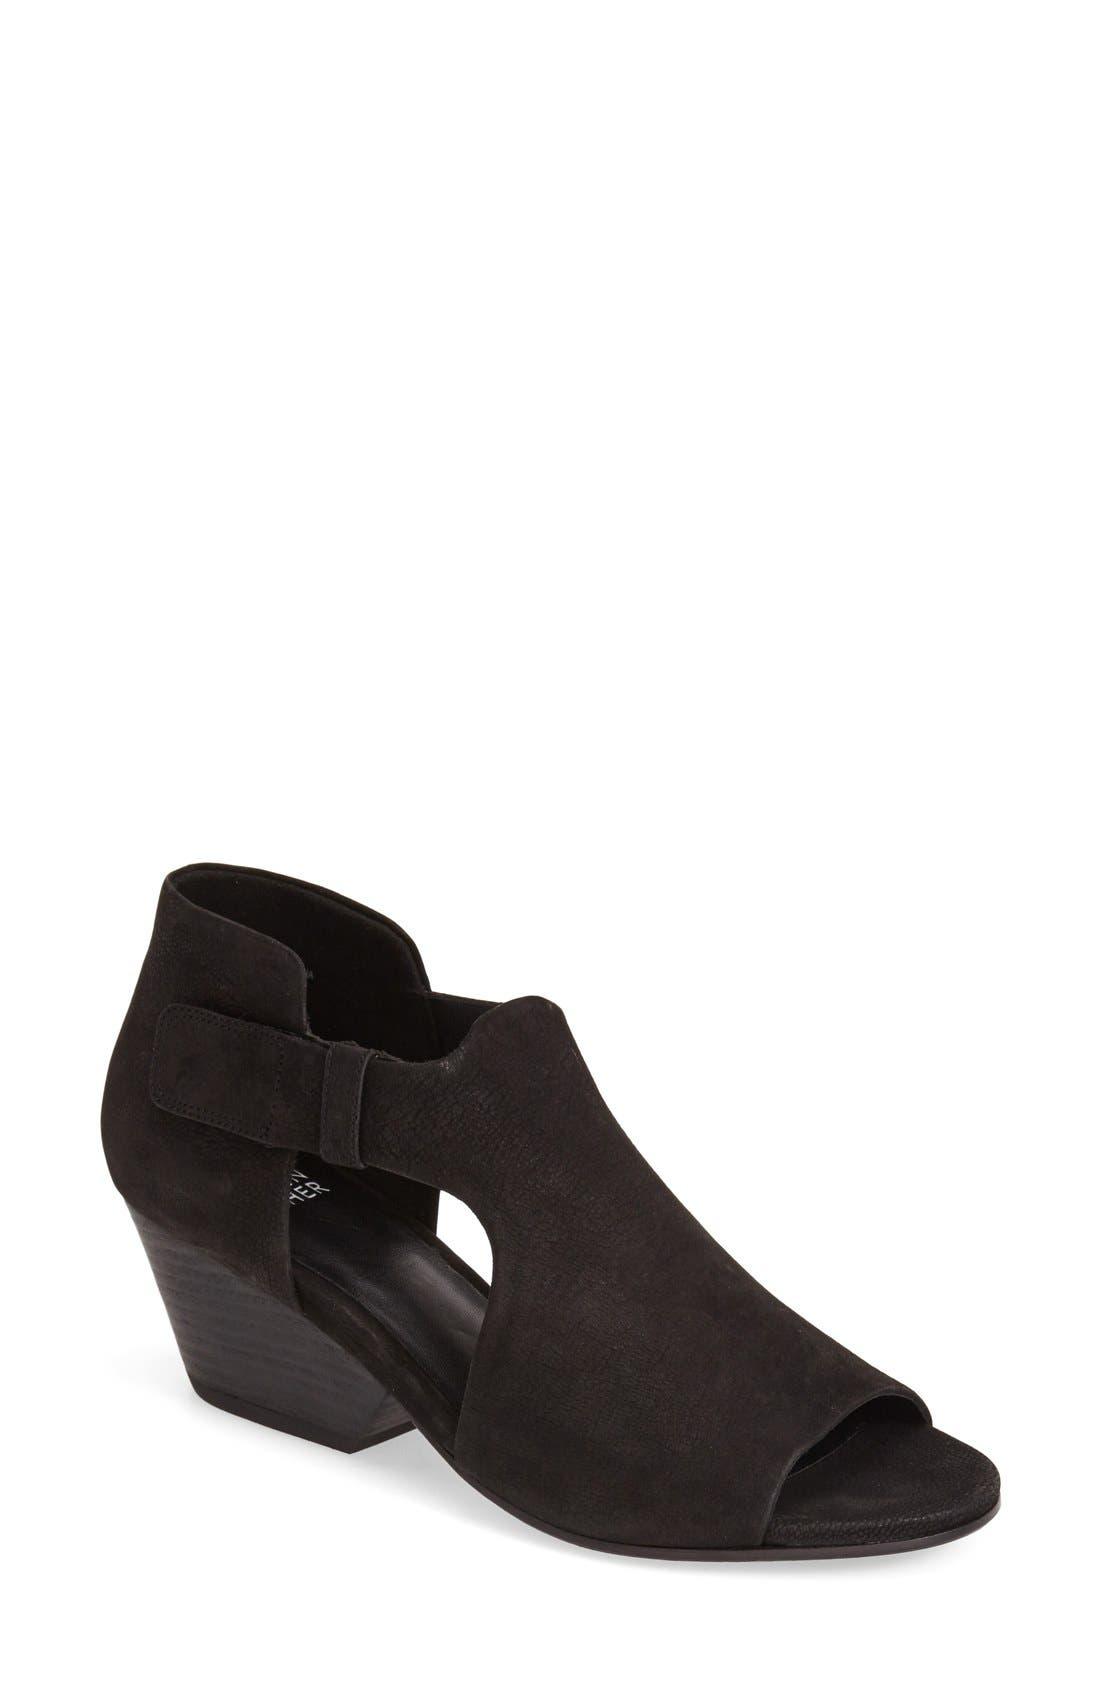 Alternate Image 1 Selected - Eileen Fisher 'Iris' Sandal (Women)